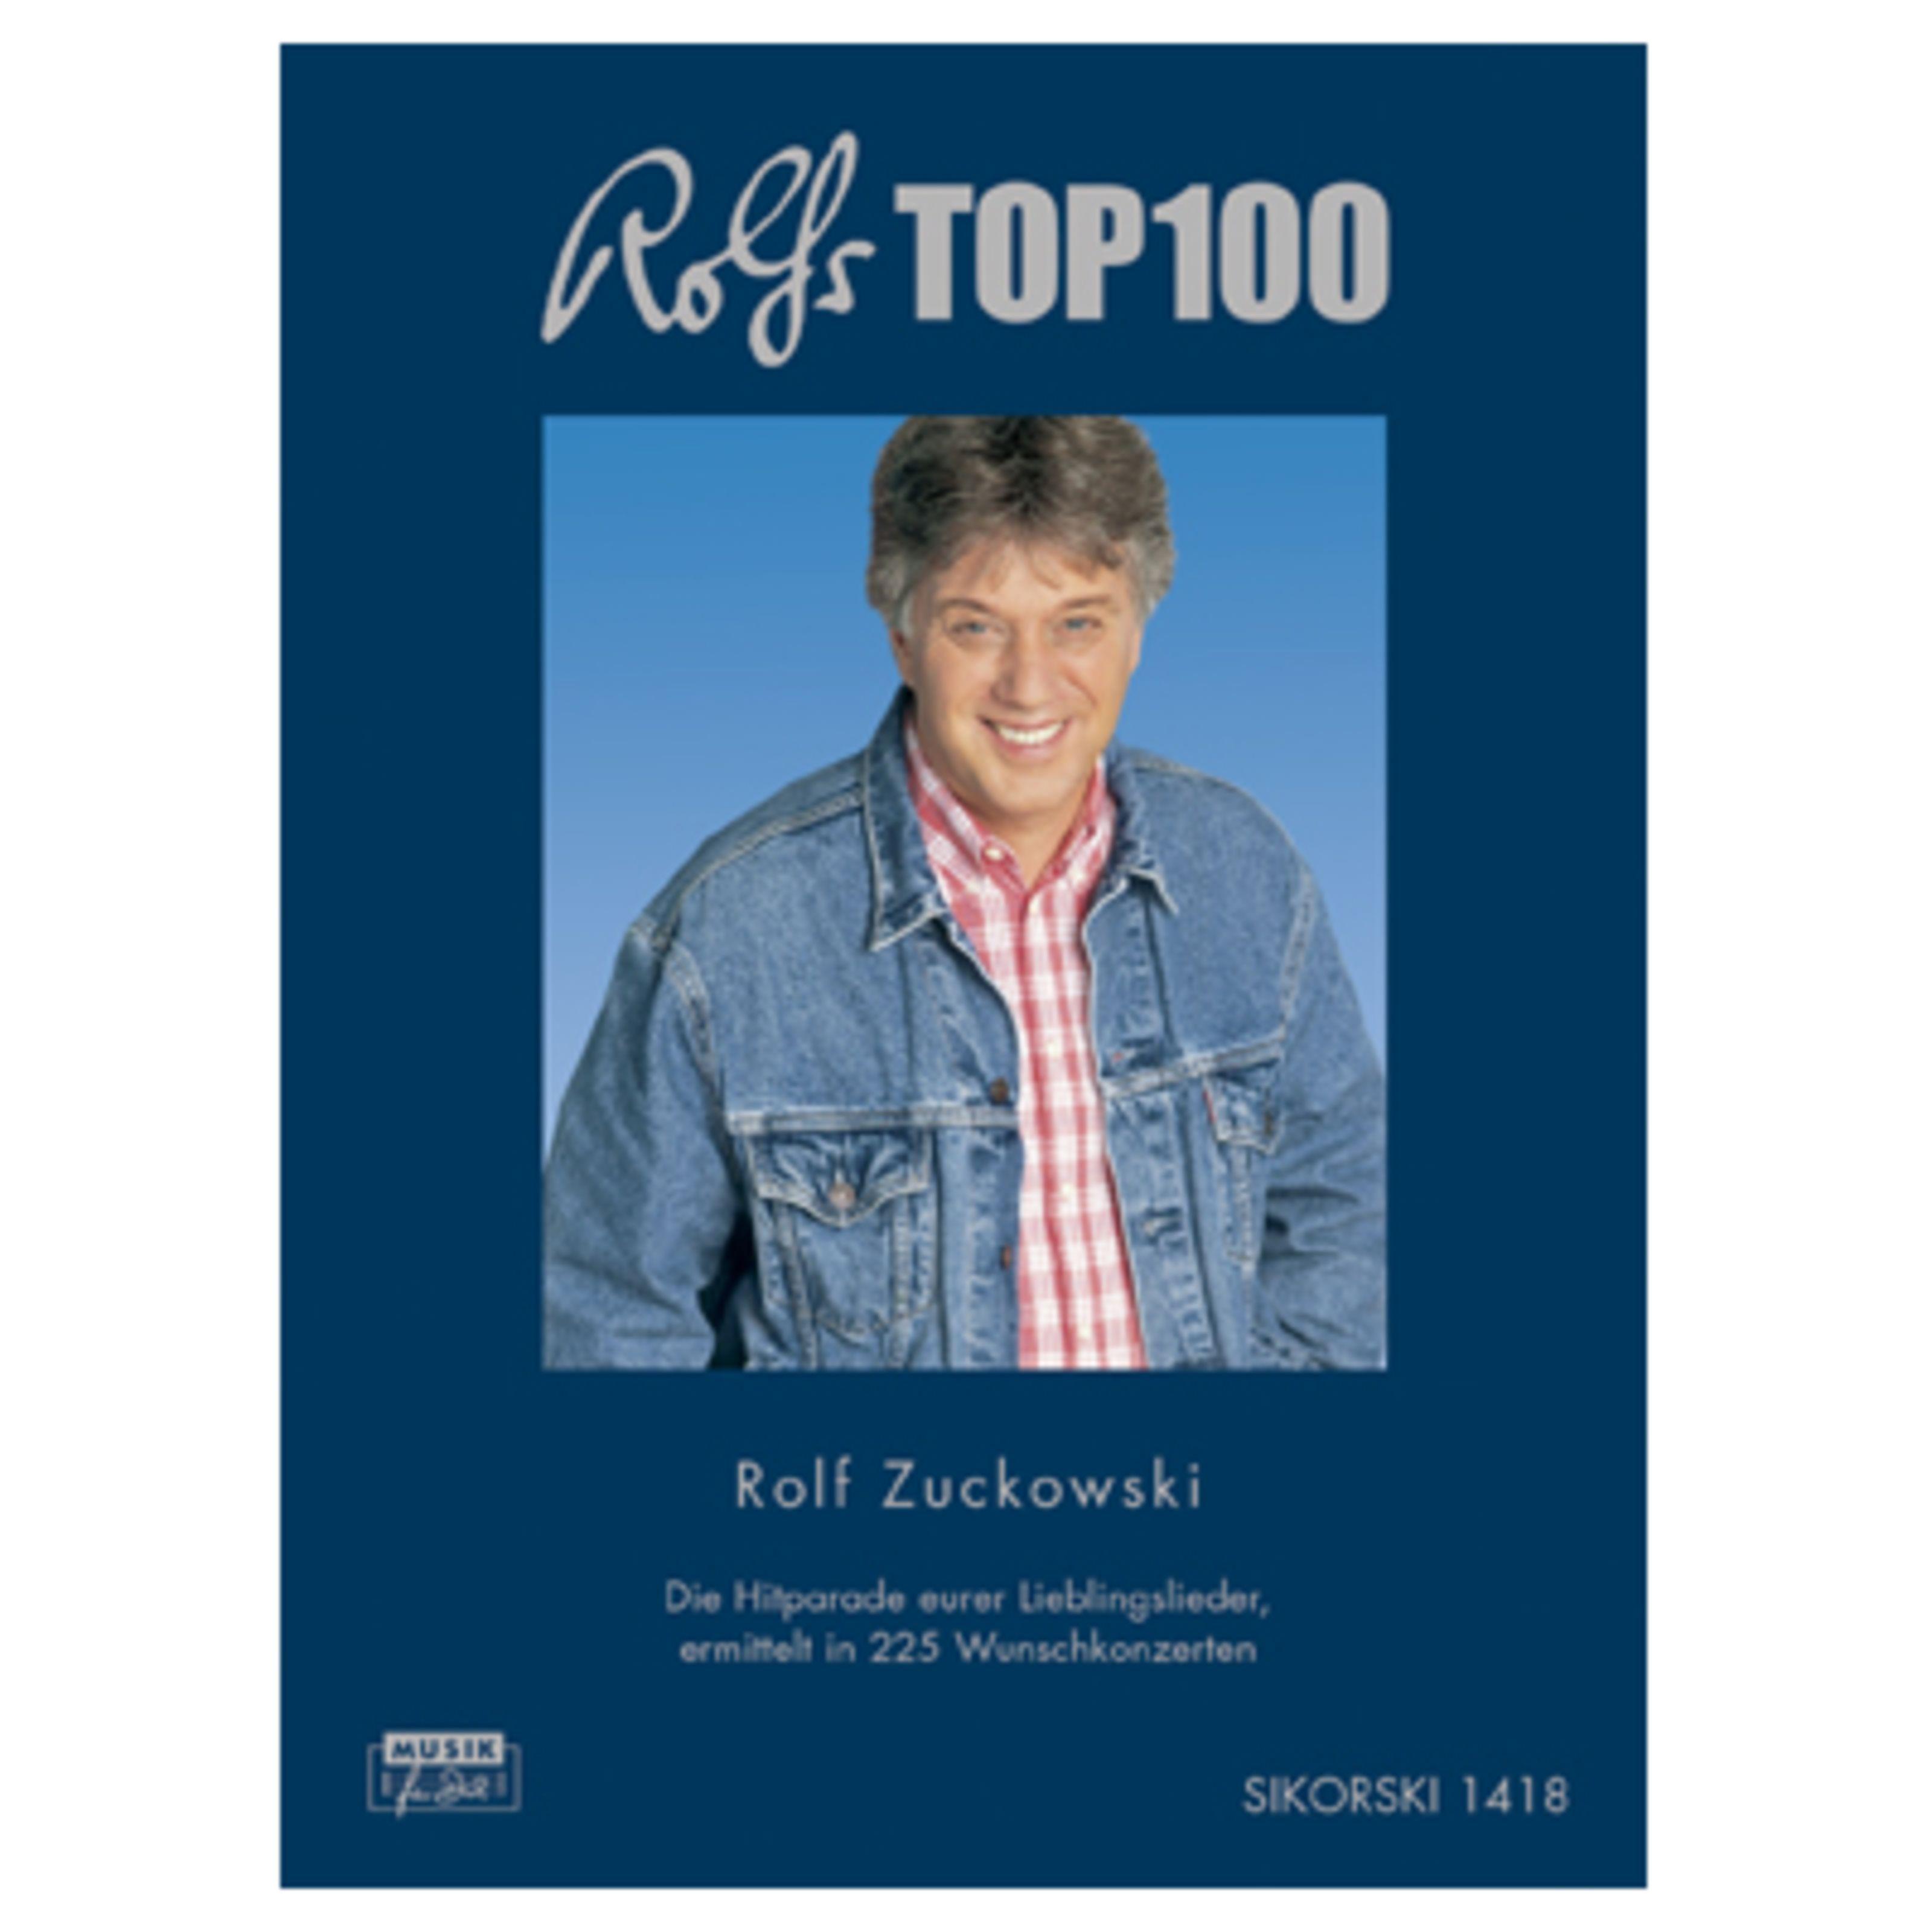 Hans Sikorski - Rolfs Top 100 Rolf Zuckowski - Liederbuch SIK 1418